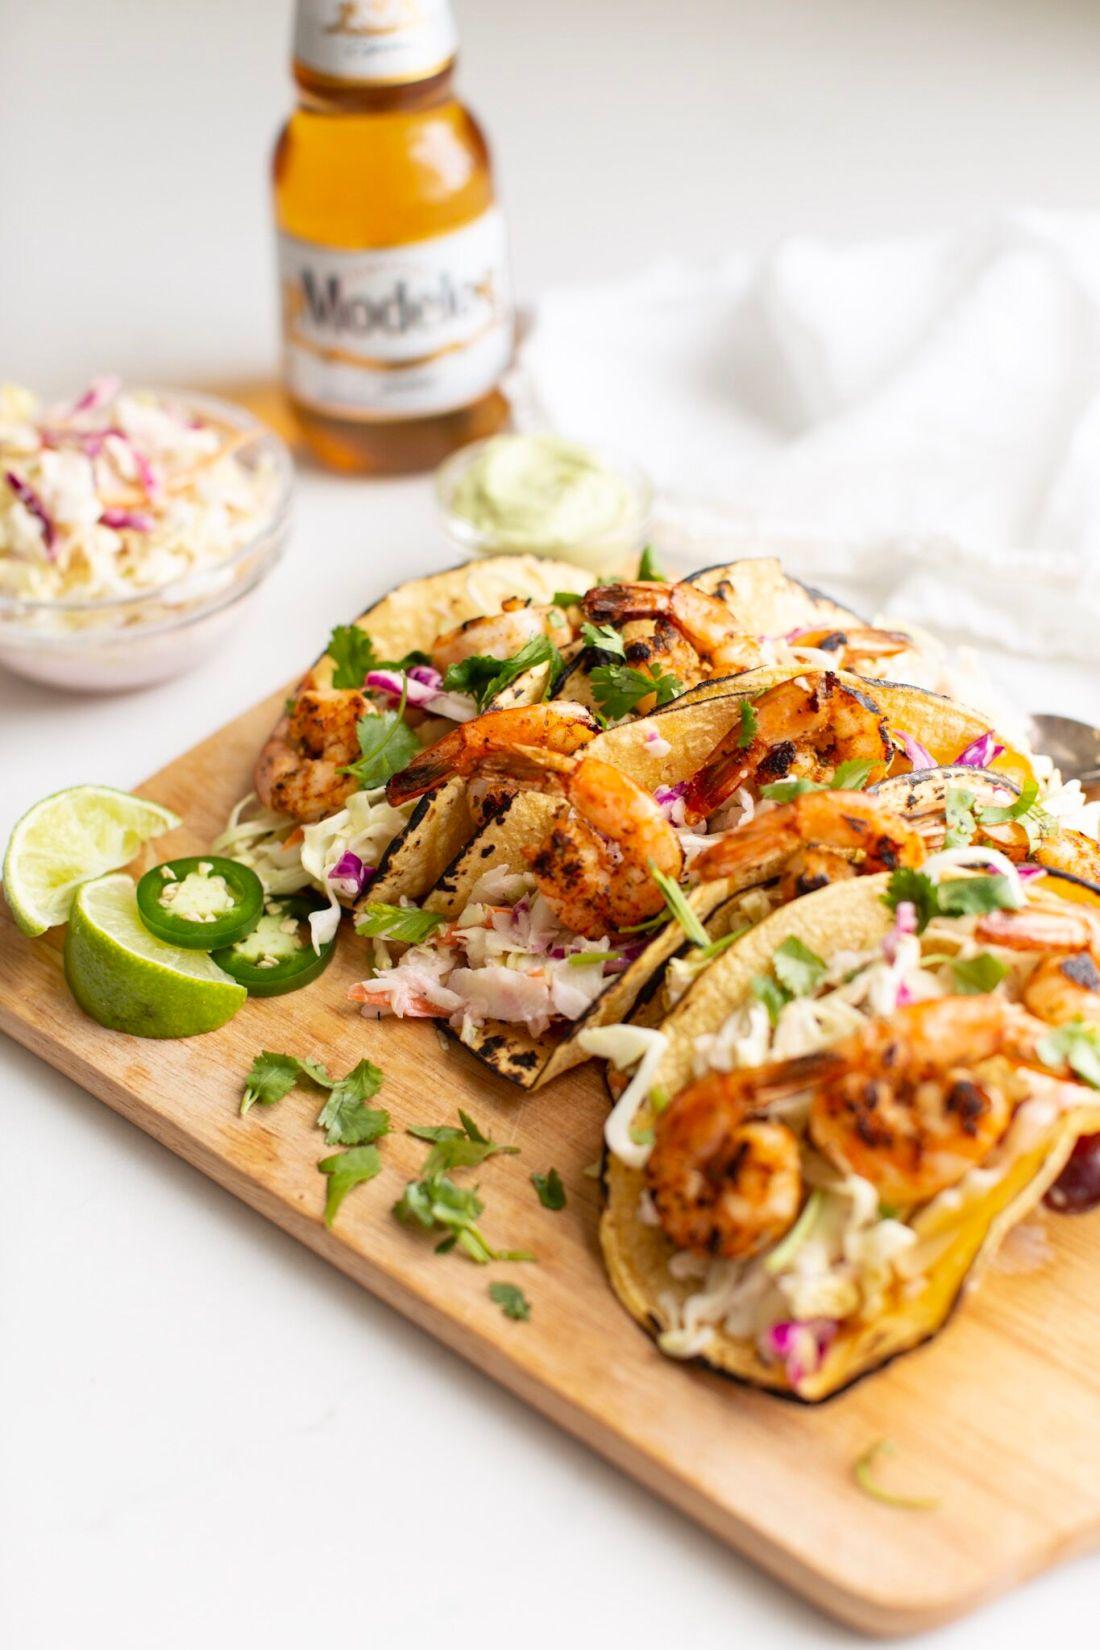 Shrimp Tacos with Coleslaw and Avocado Crema